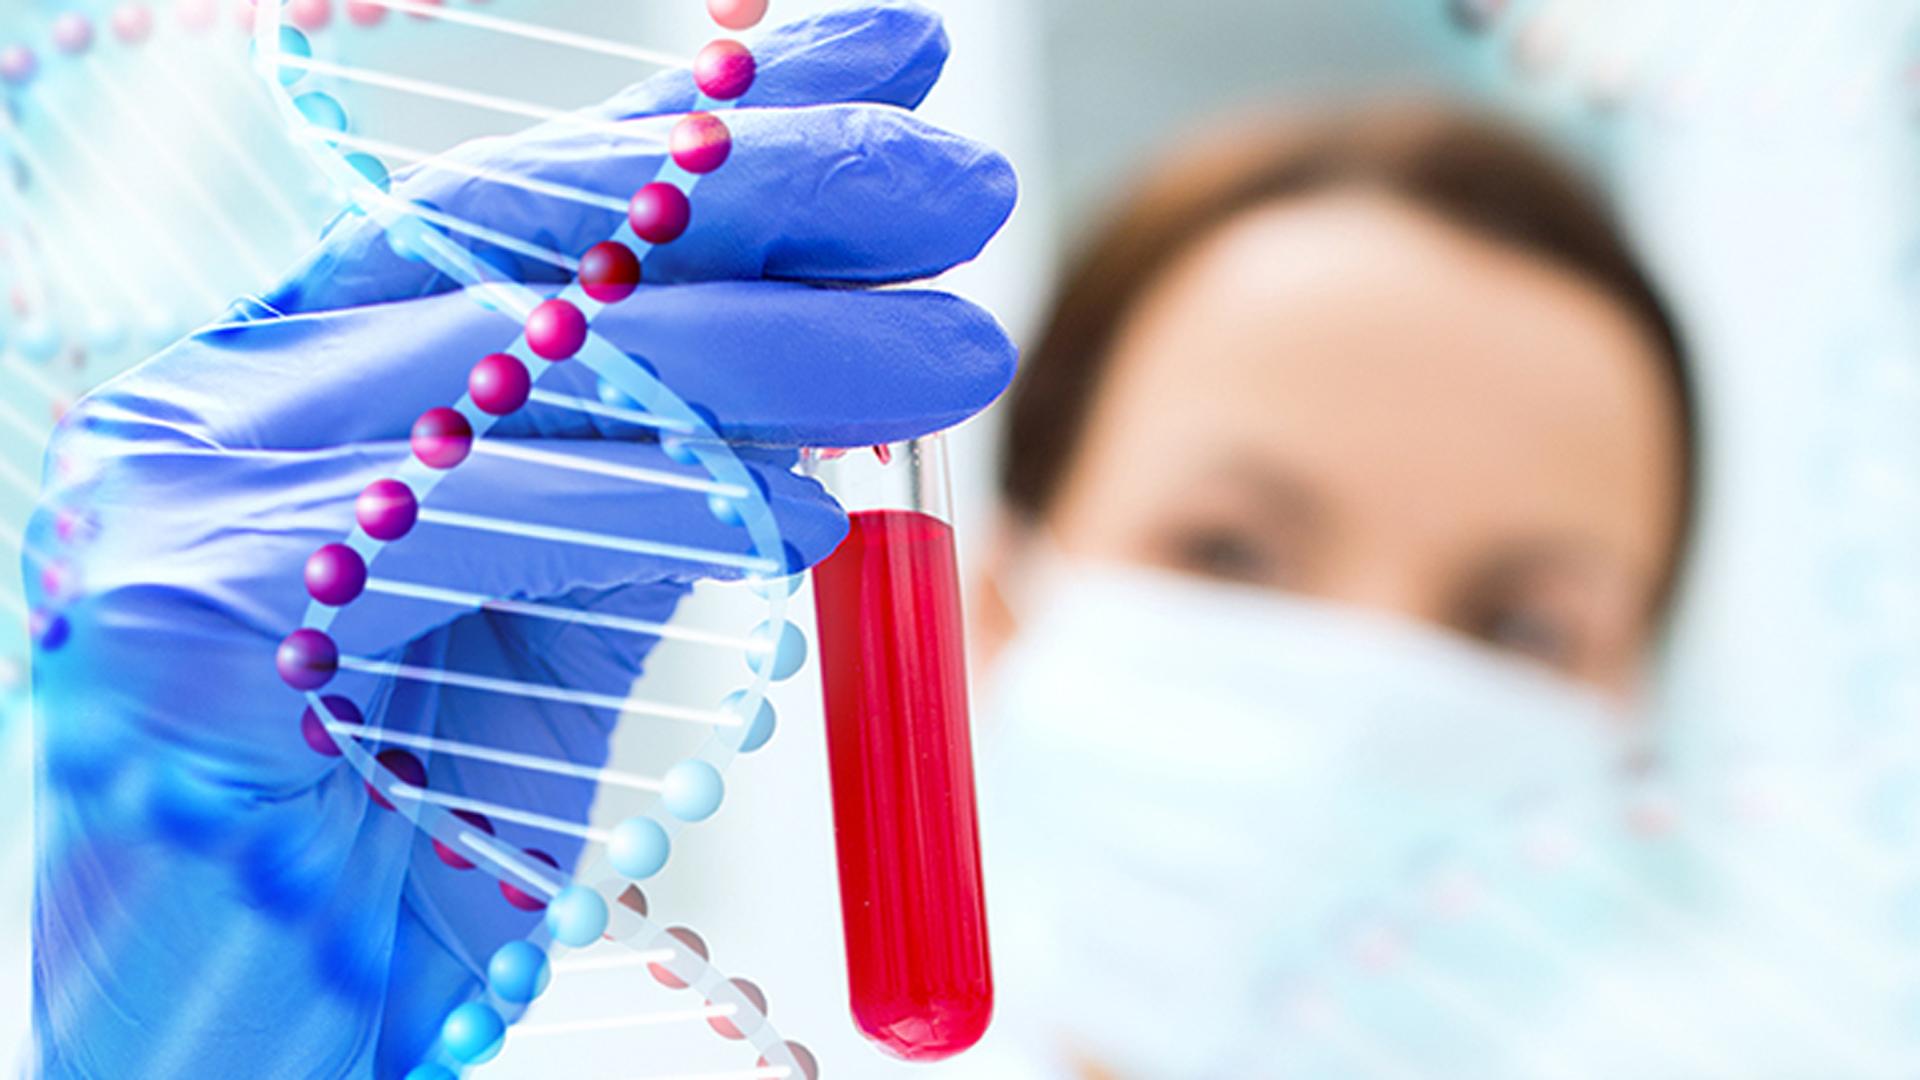 biopsia prostata resultados ecuador